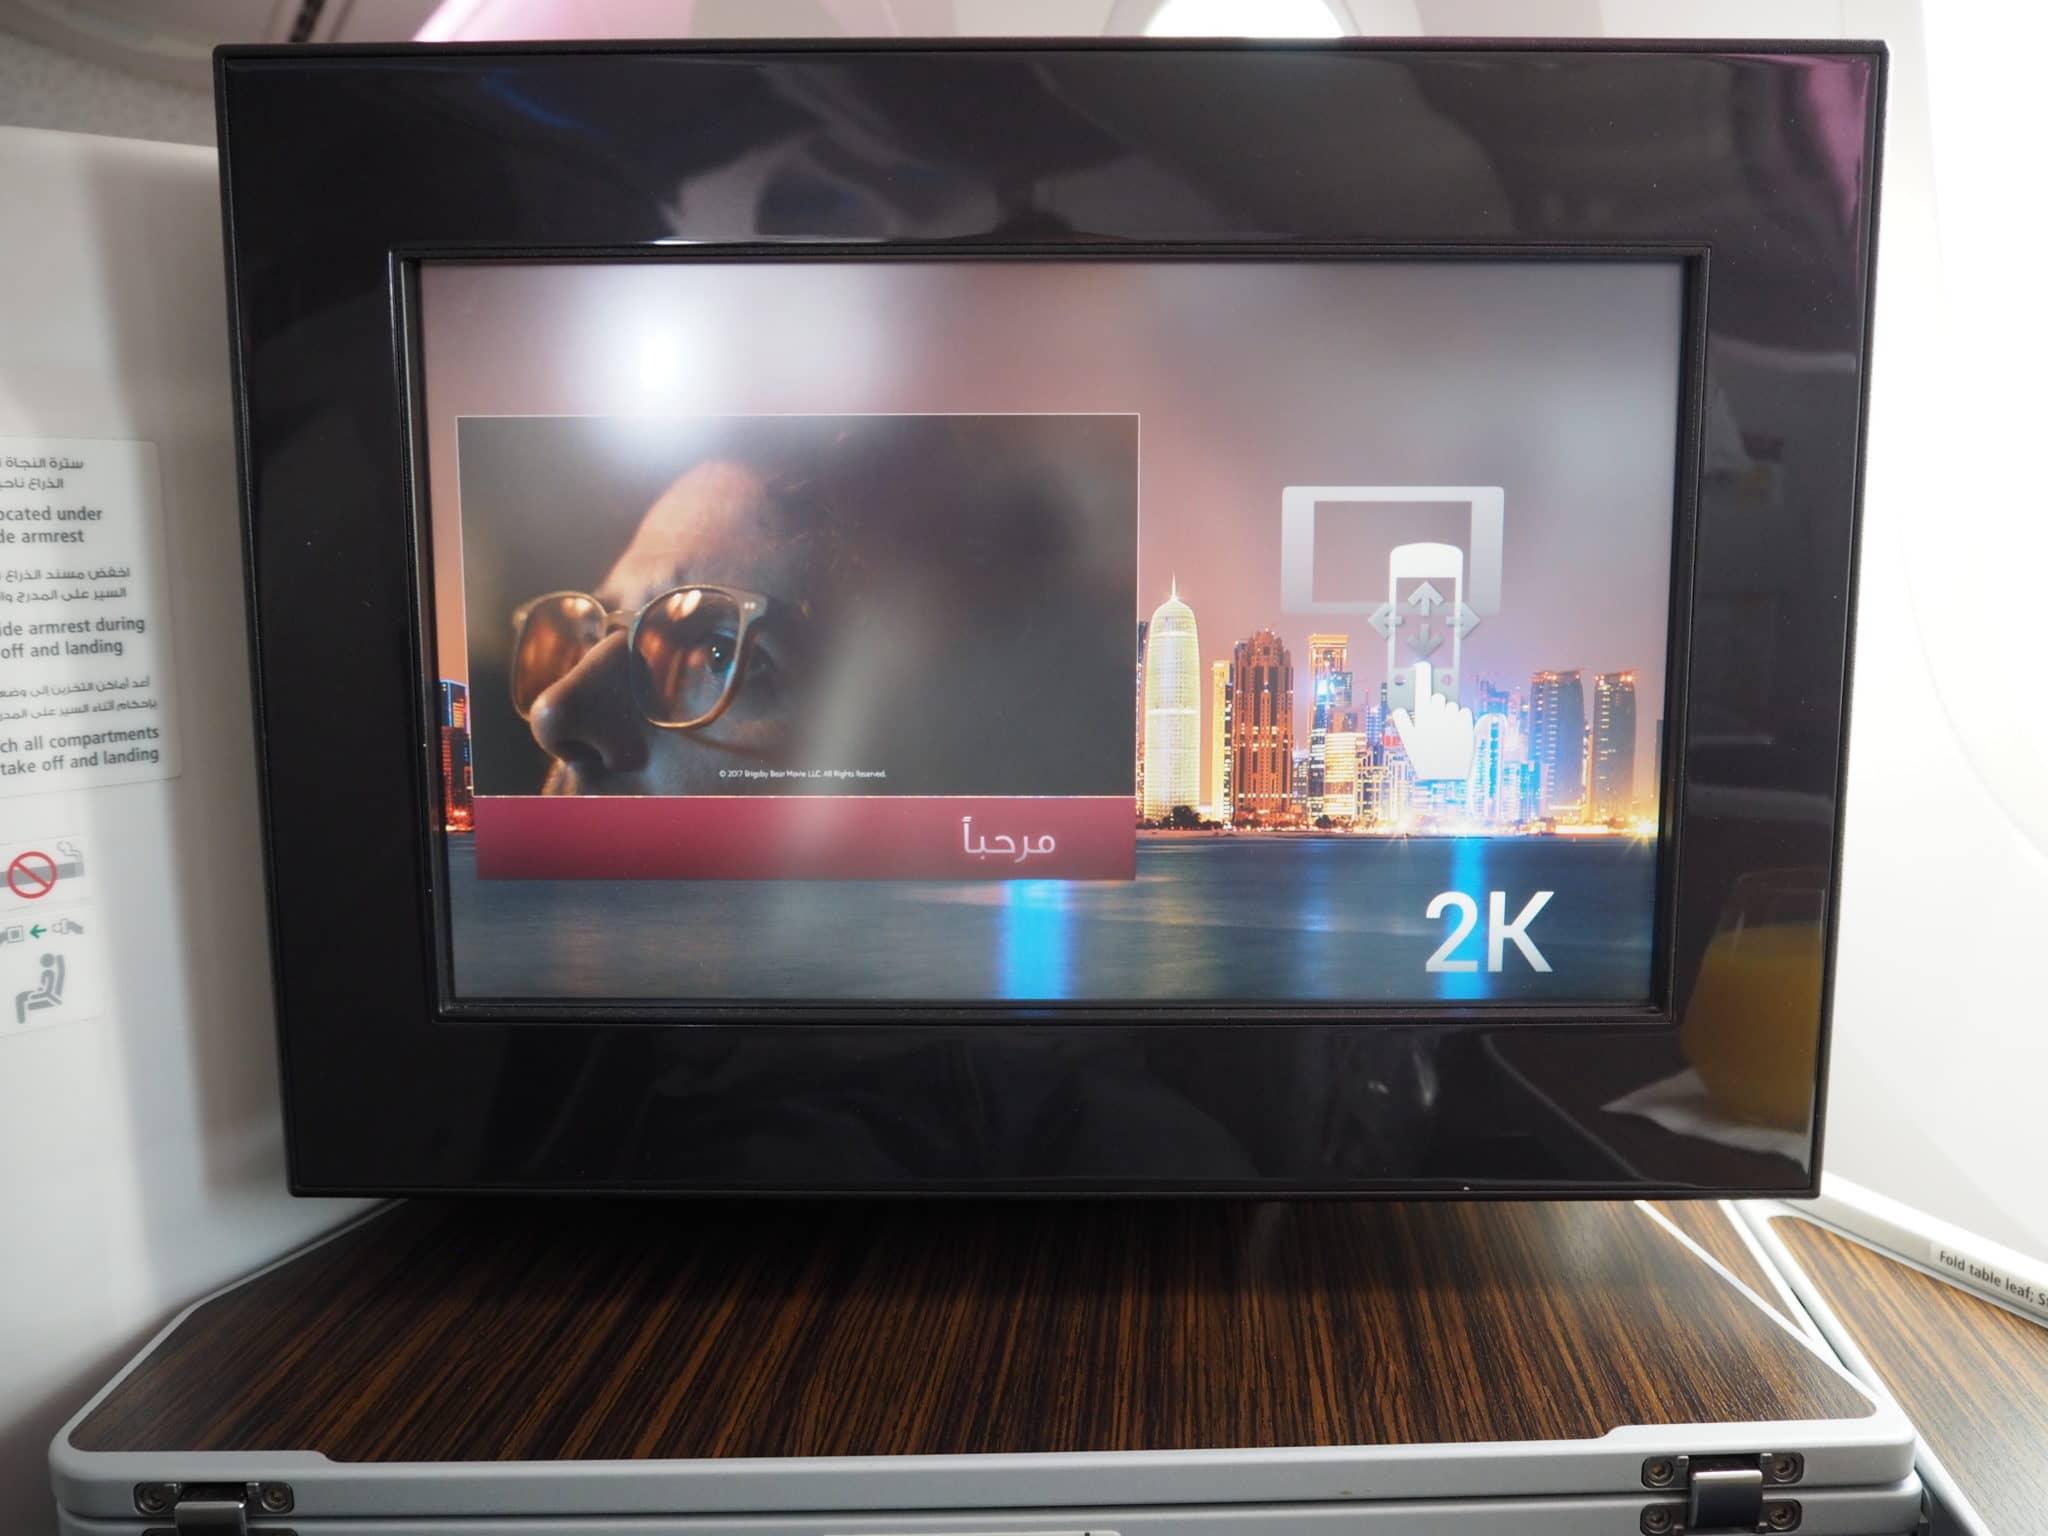 Qatar Airways Business Class Boeing 787-8 Monitor